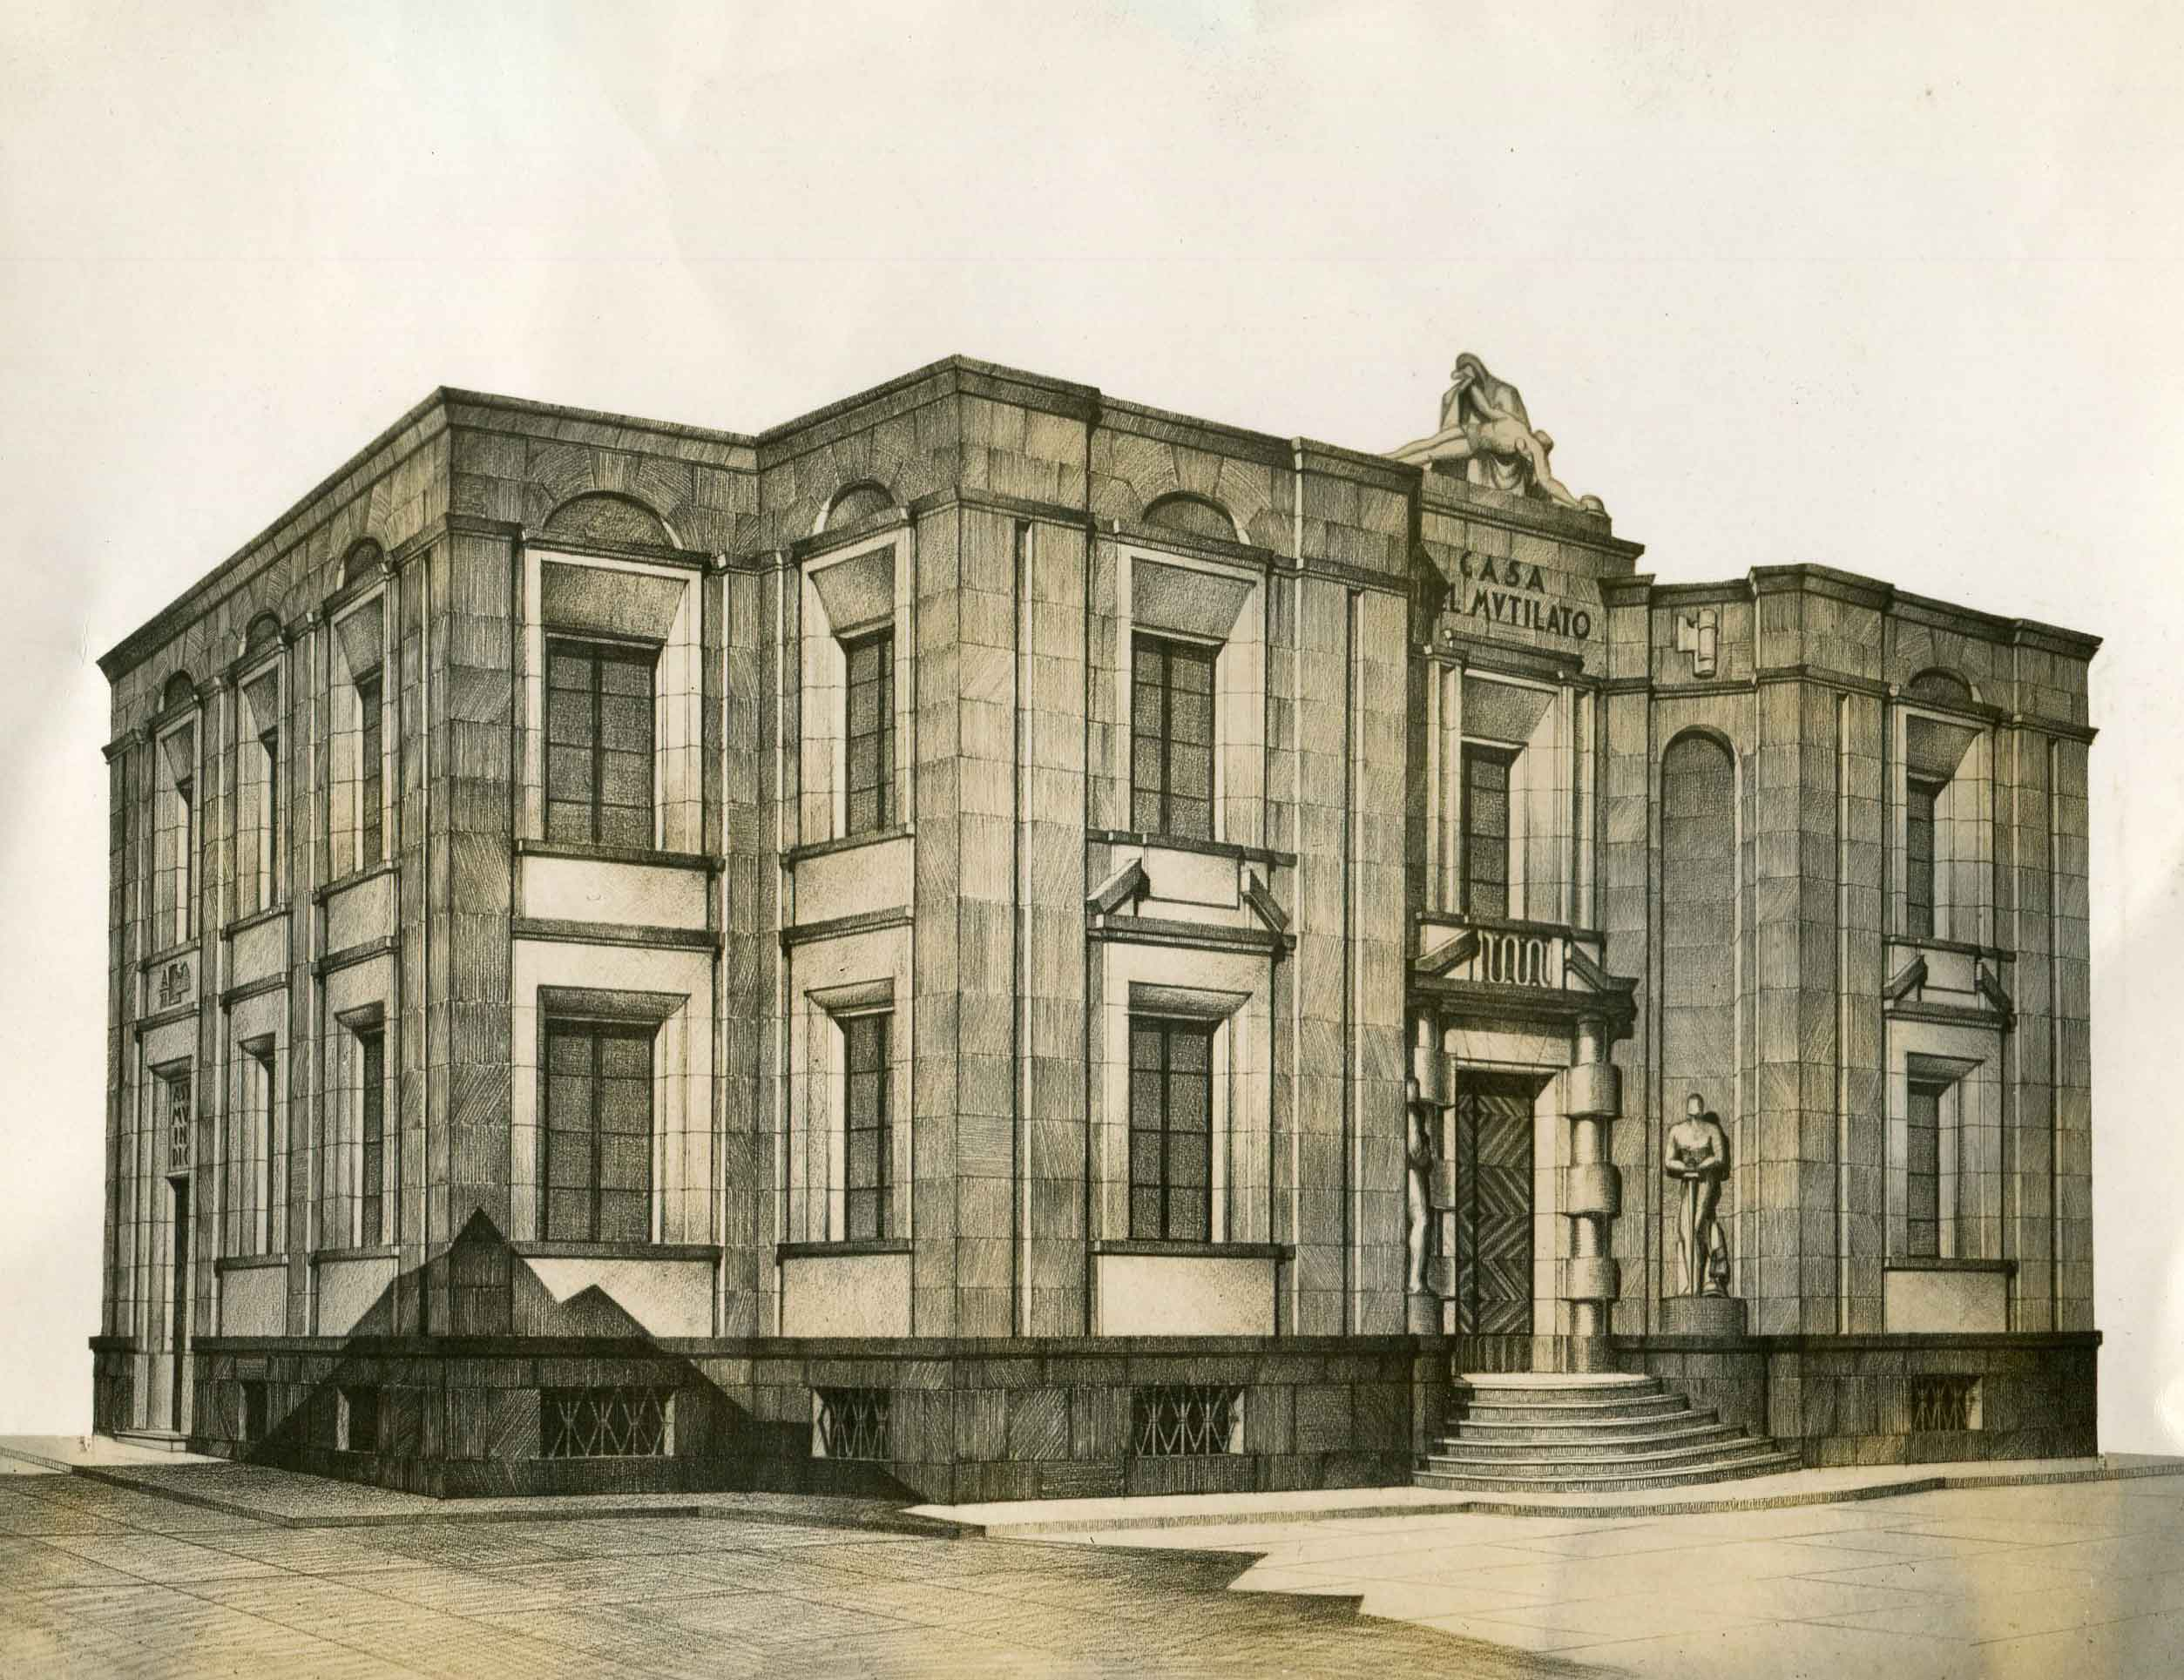 Progetto di concorso per la Casa del mutilato a Verona